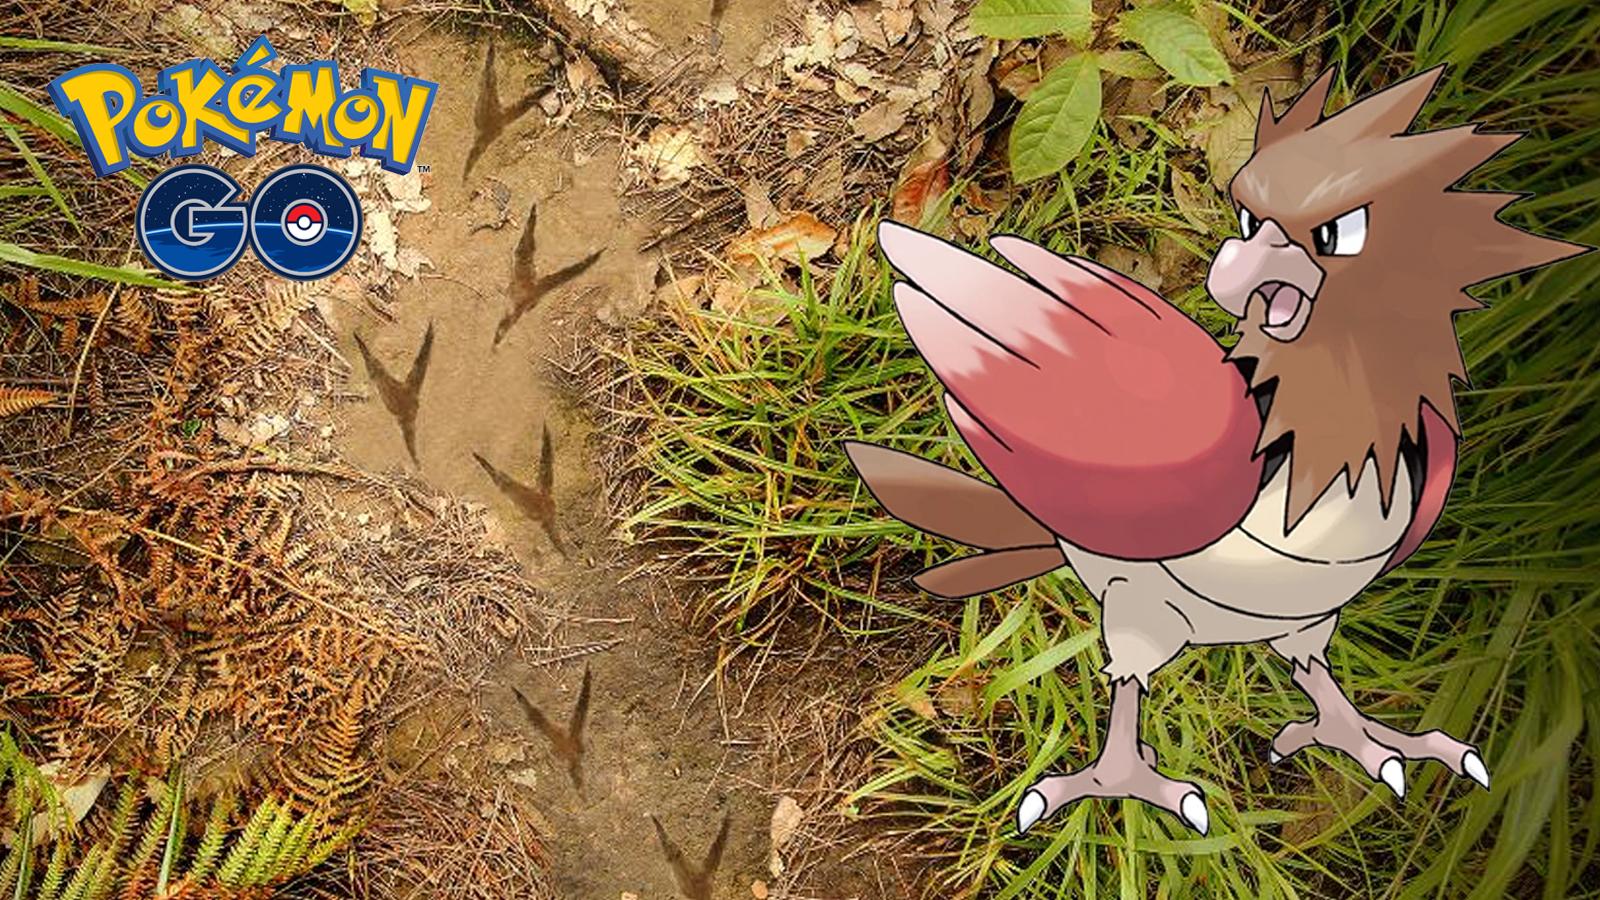 Pokemon Go March Community Day